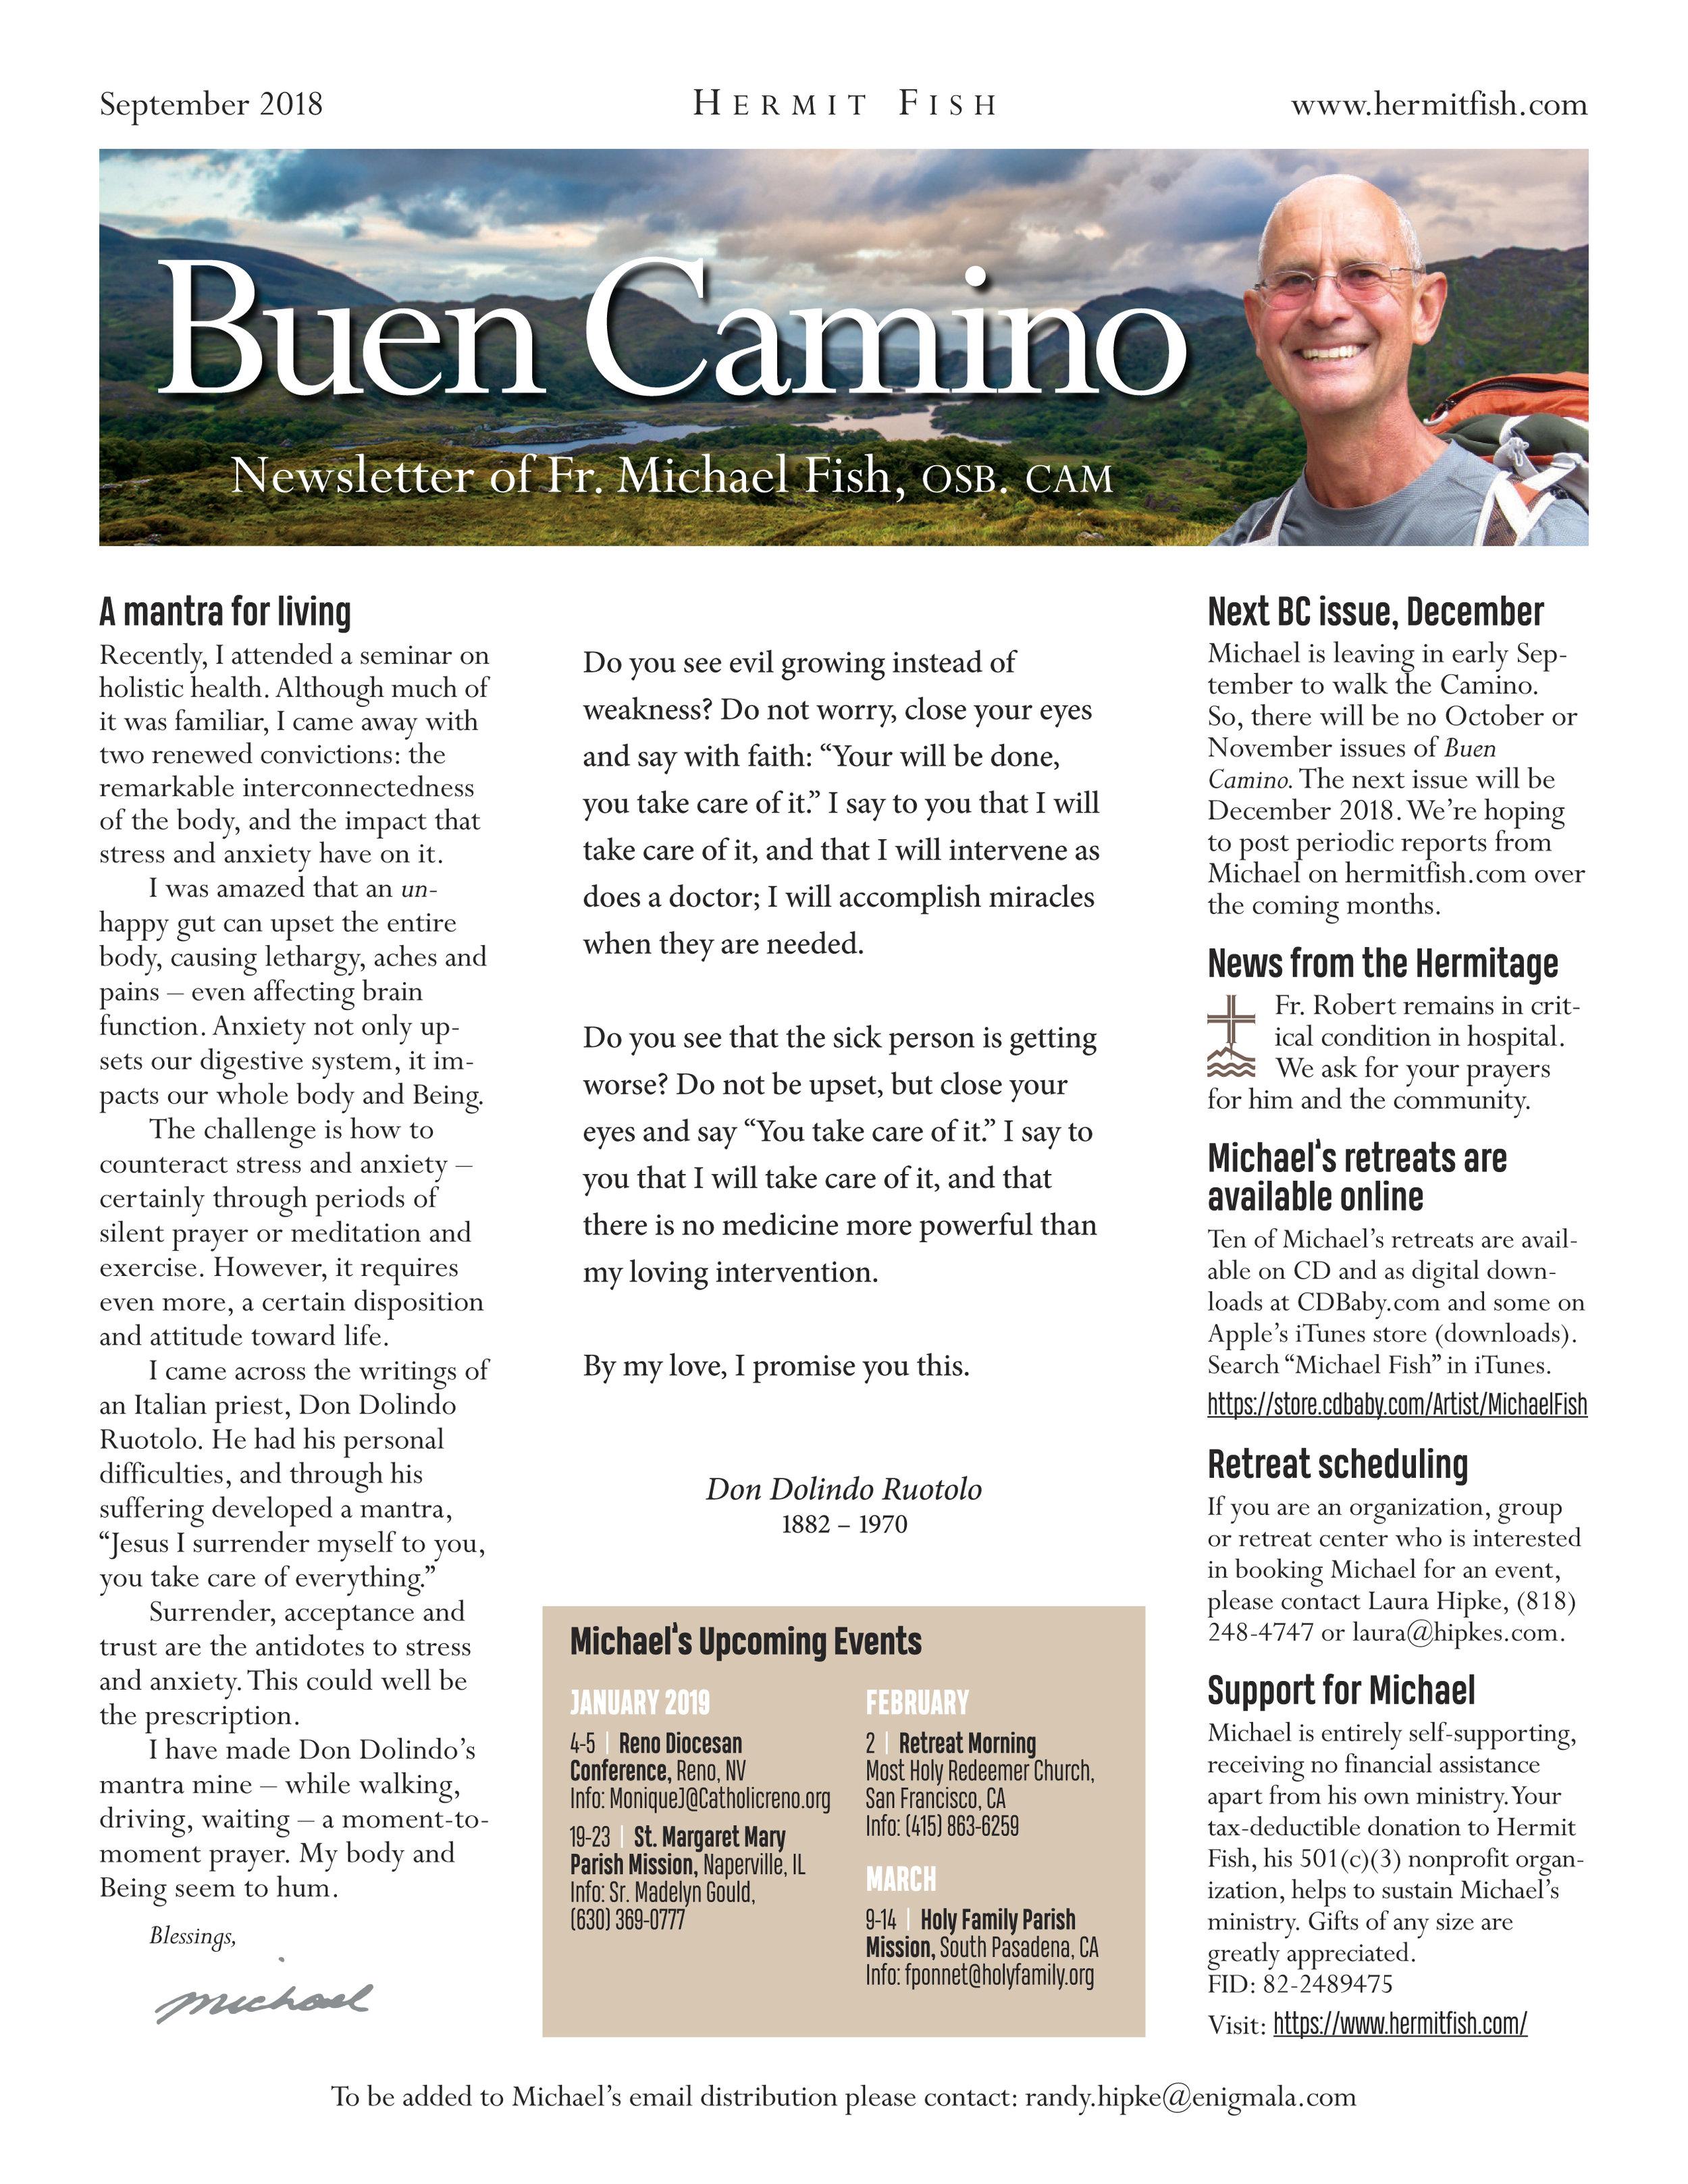 Buen Camino Sept 2018.jpg